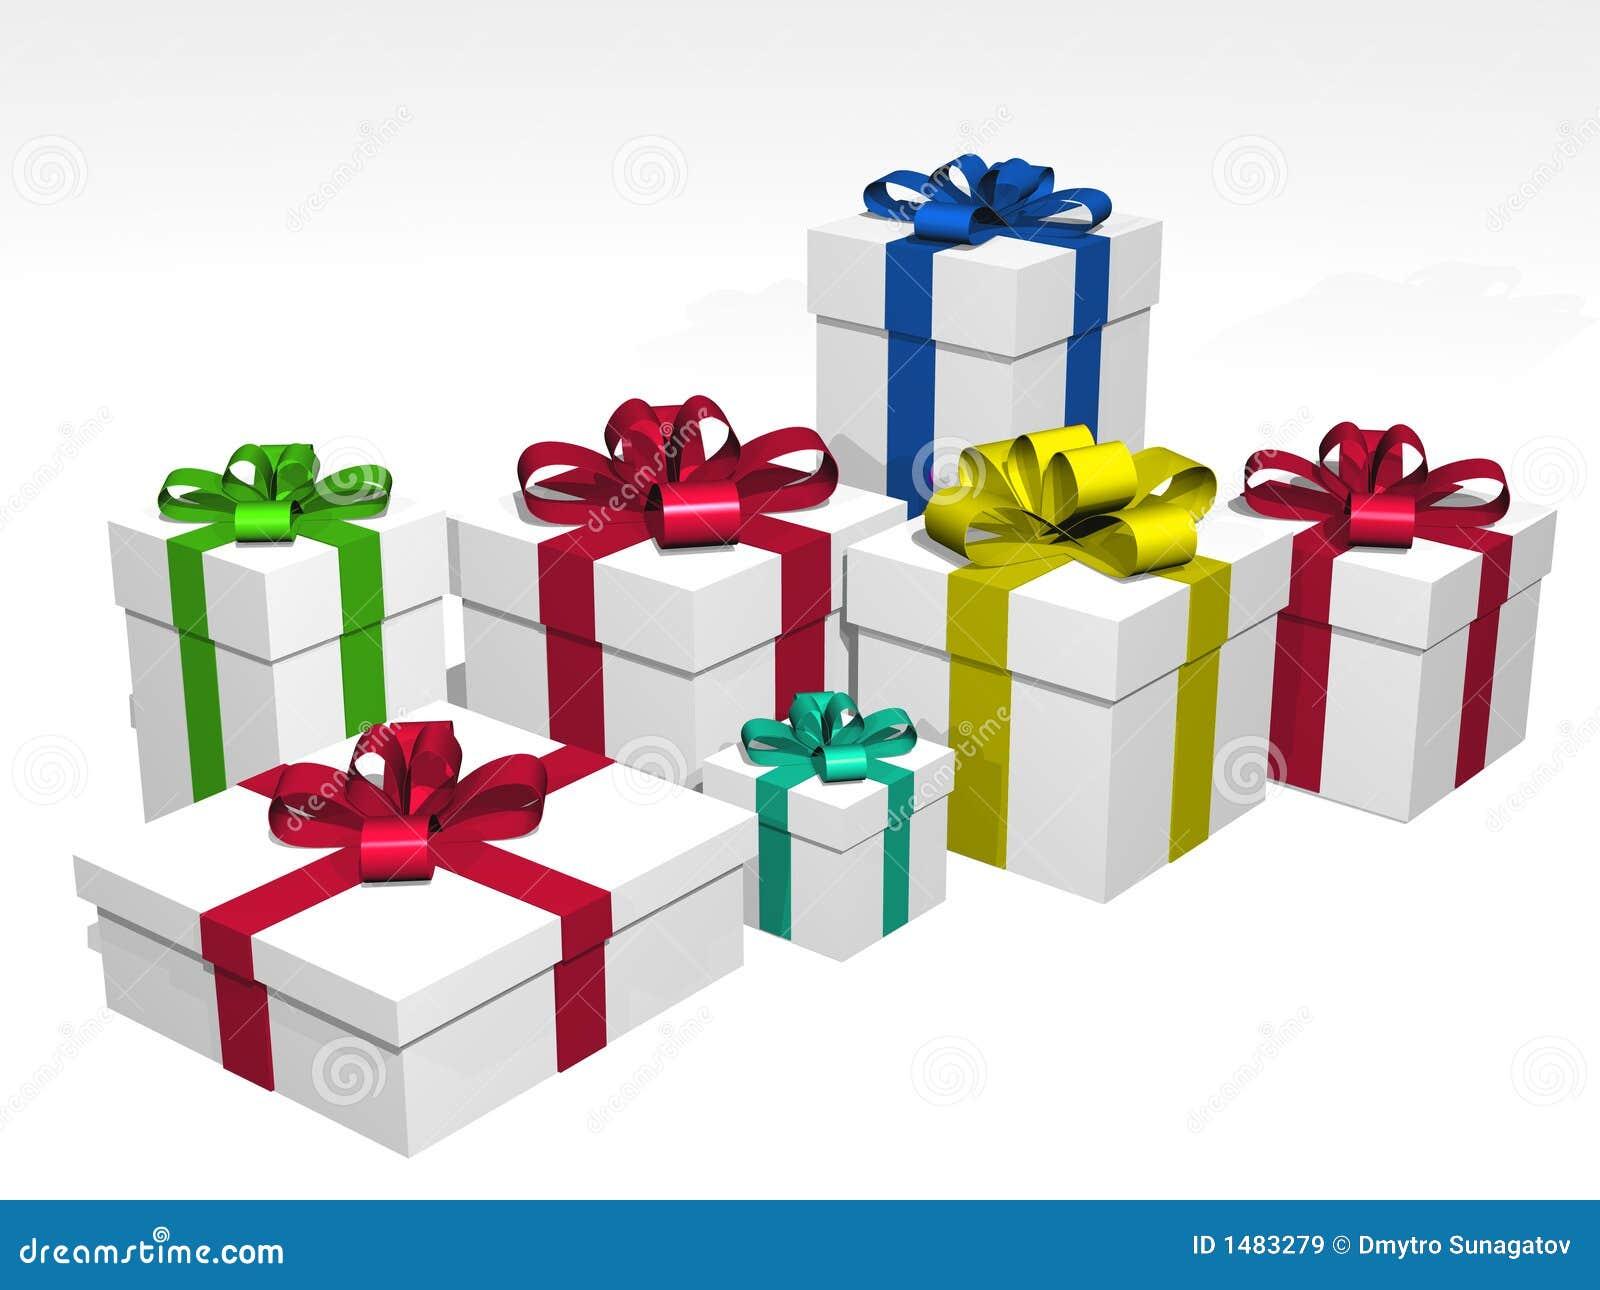 regalos en 3d sobre un fondo blanco stock de ilustraci n ilustraci n de regalos elasticidad. Black Bedroom Furniture Sets. Home Design Ideas